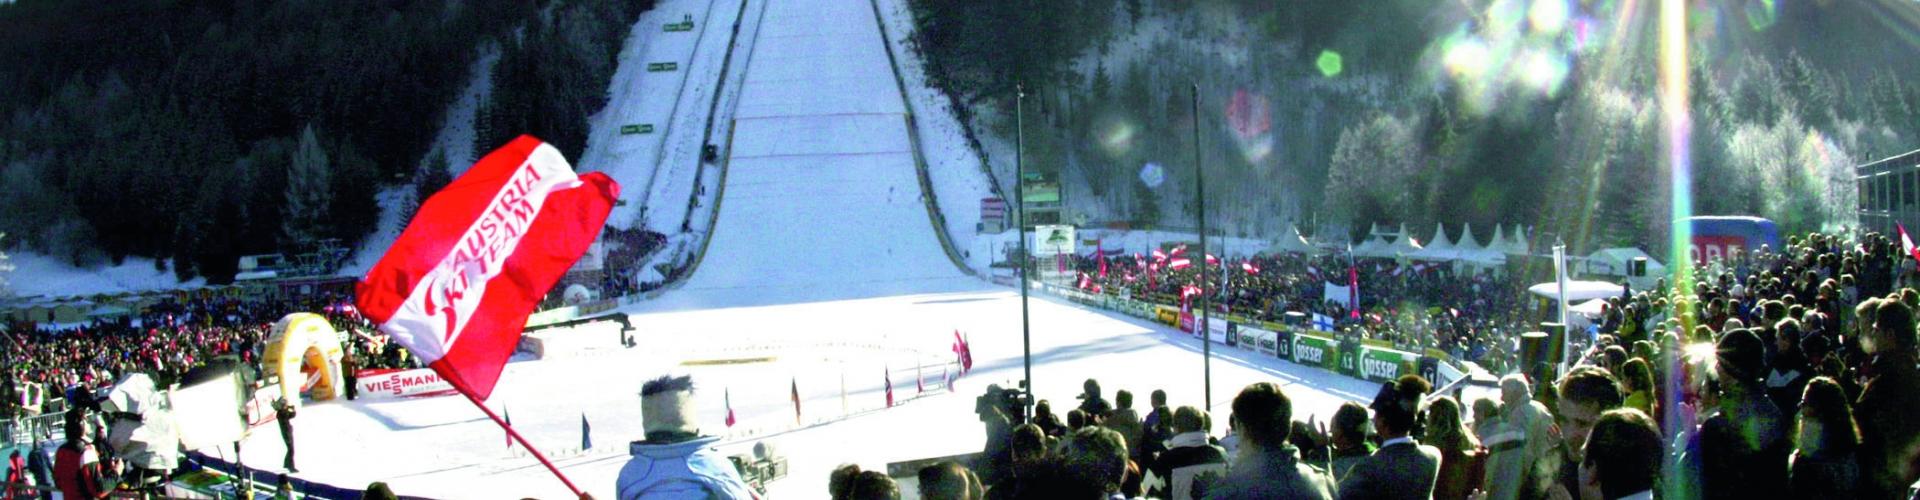 Ski fliegen am Kulm Bad Mitterndorf Tauplitz